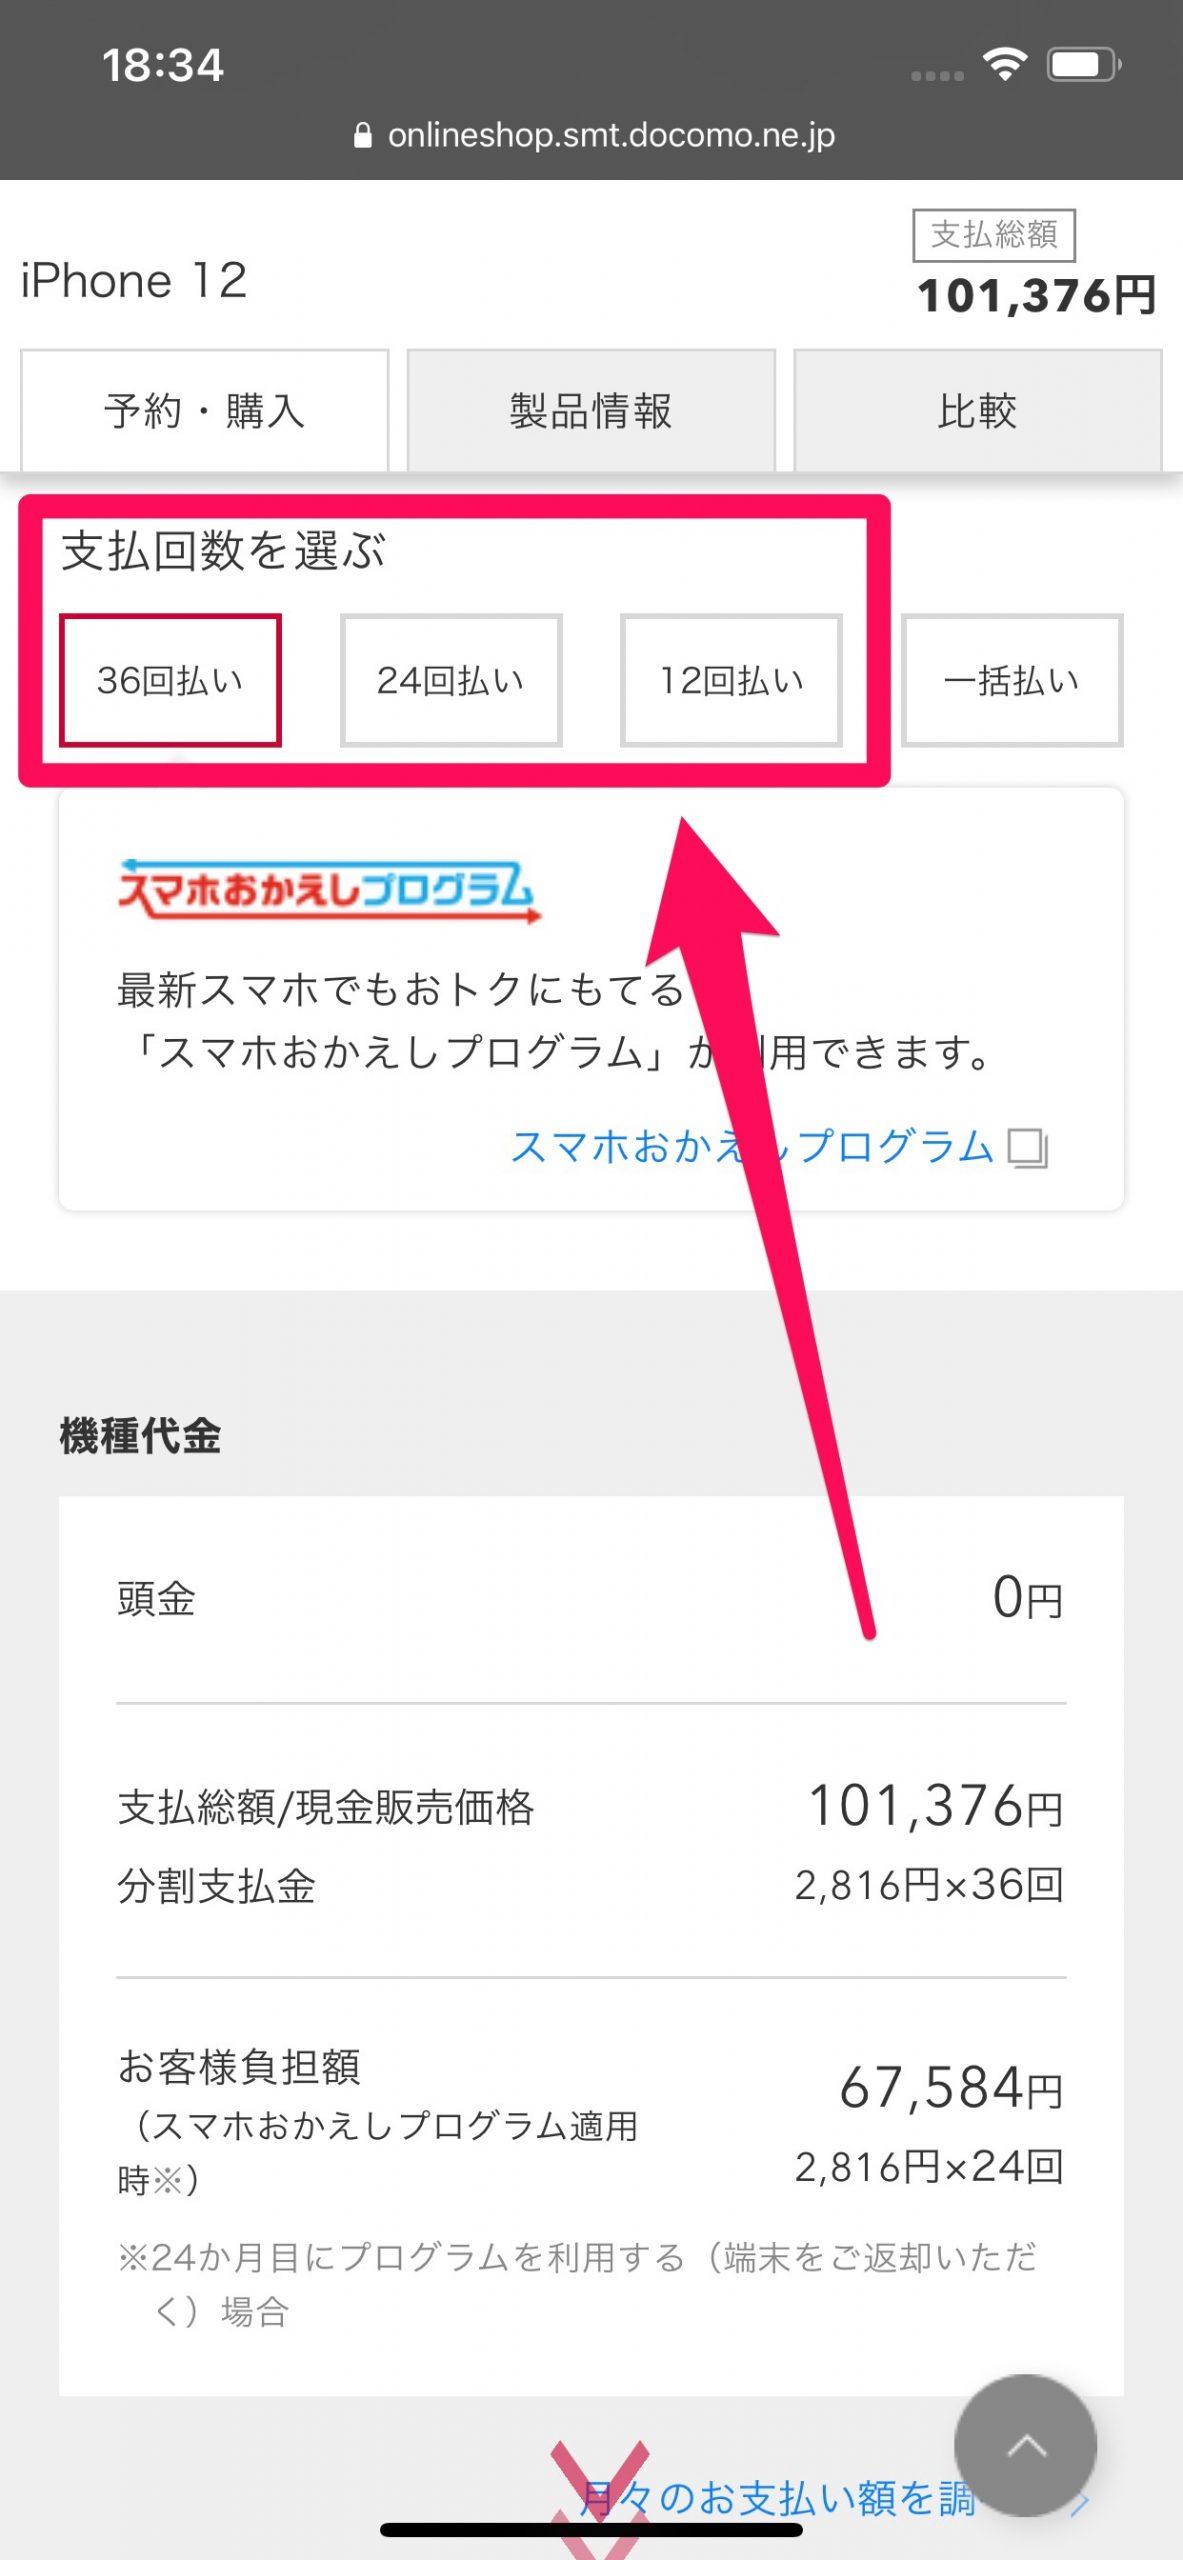 ドコモのiPhone 12購入画面1